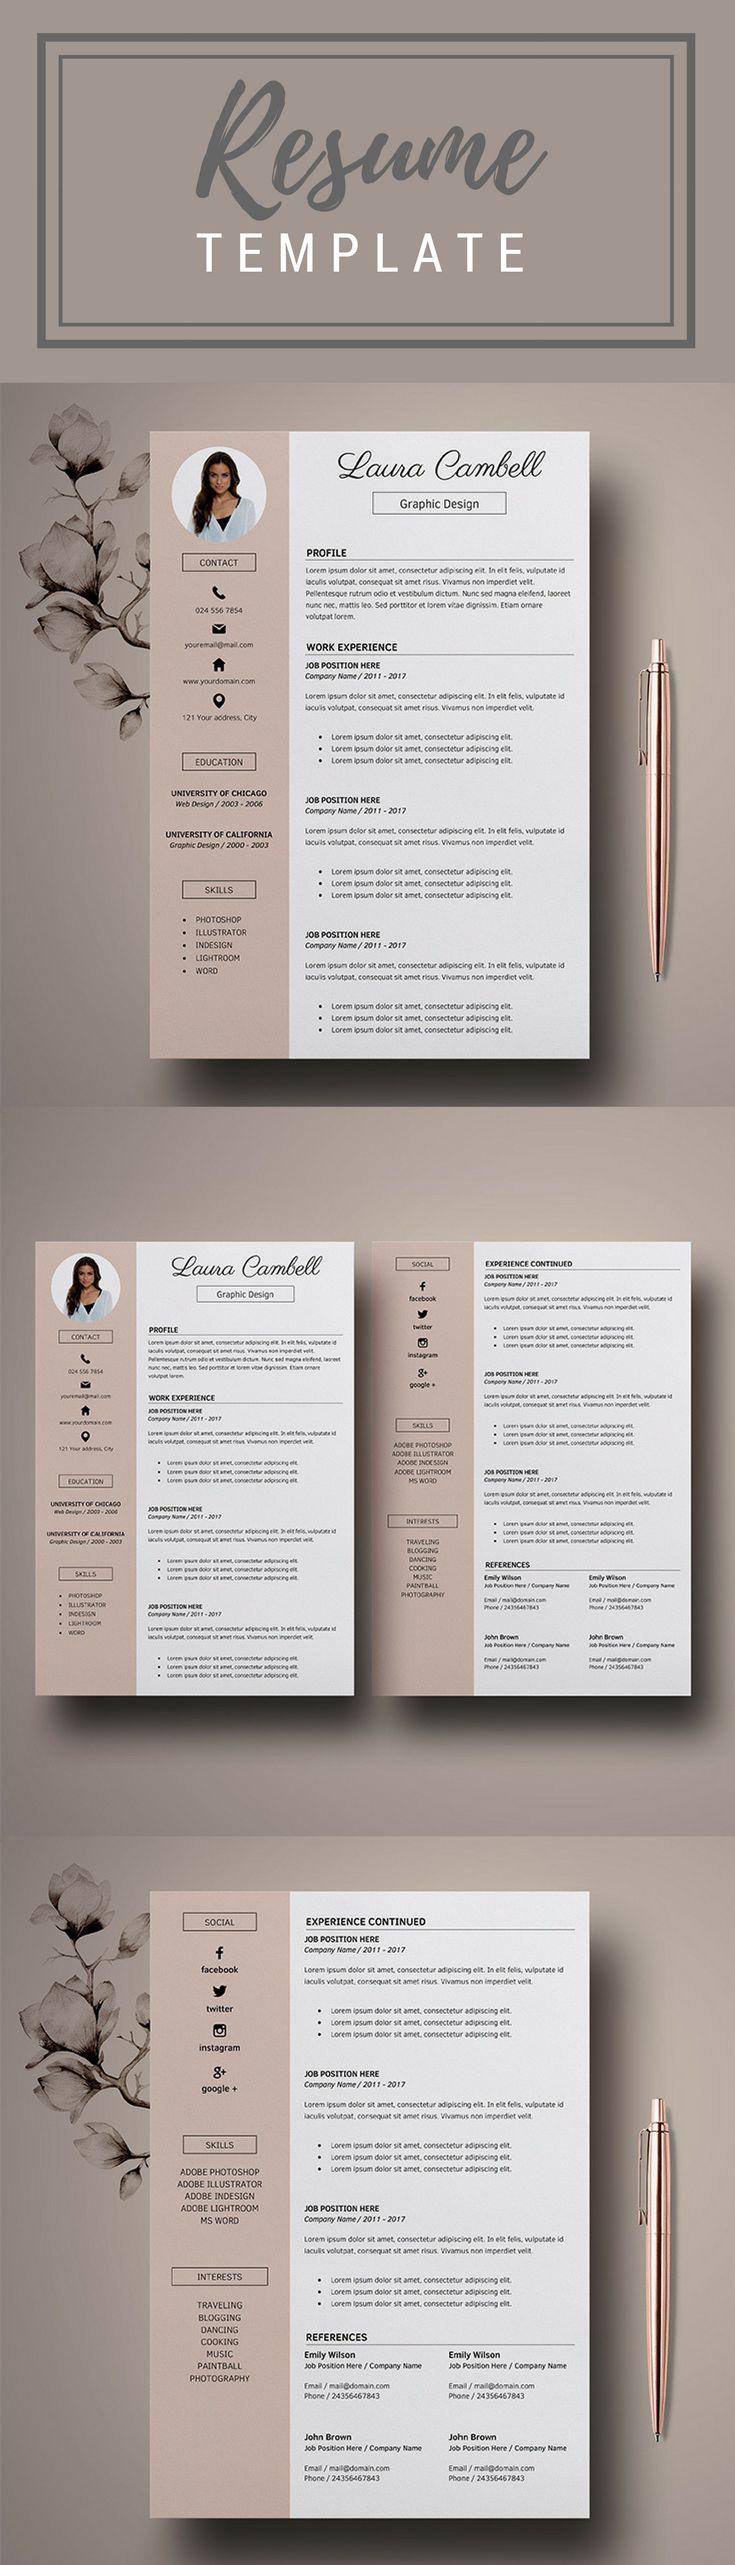 Modern Resume Template CV Template for